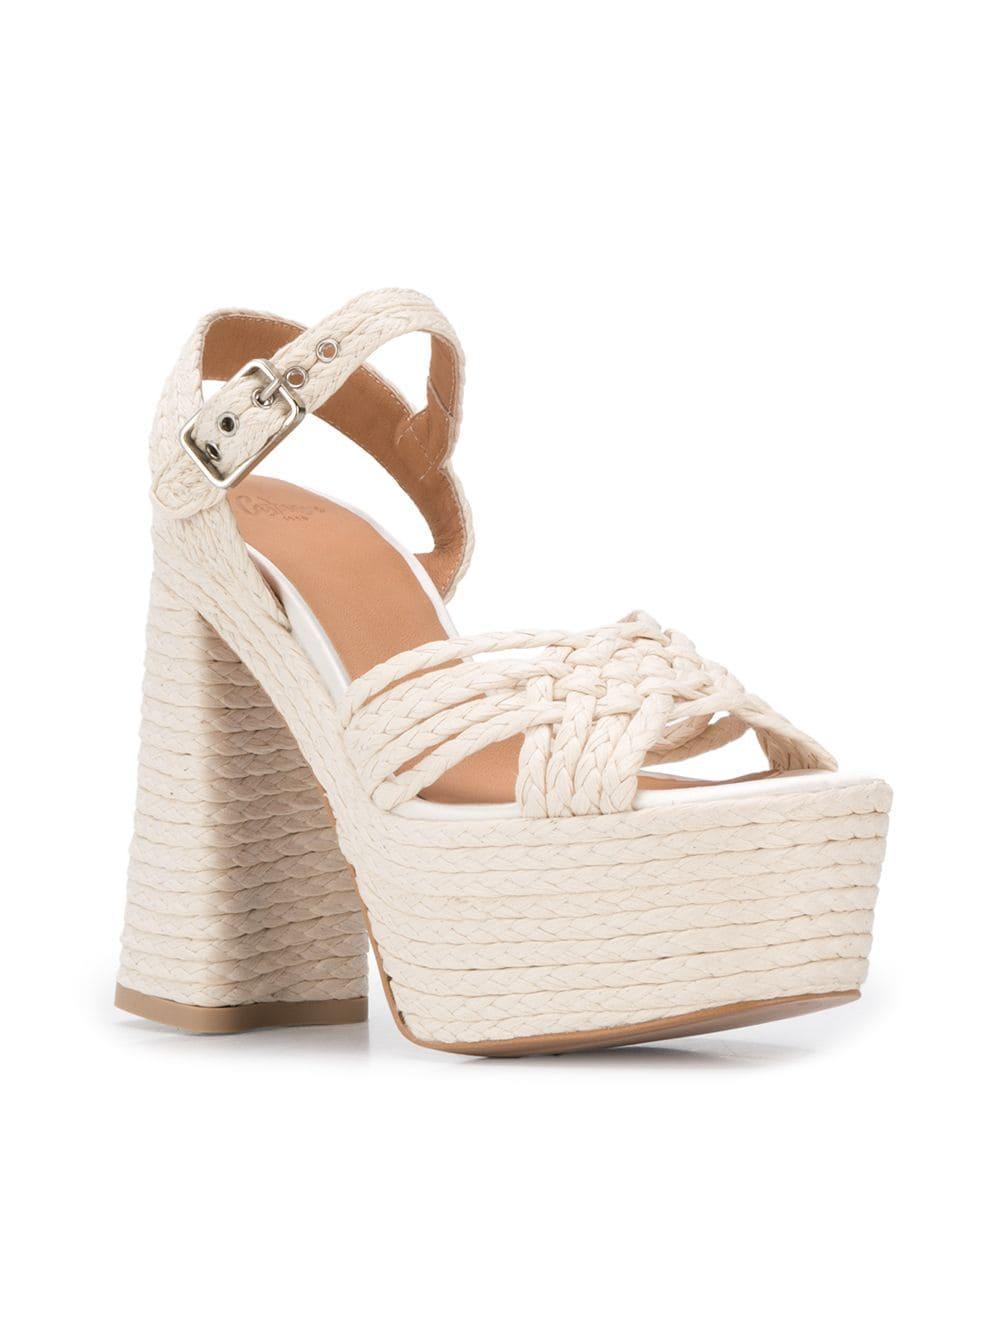 1bf3c7281ac5 Lyst - Castaner Abril Sandals in White